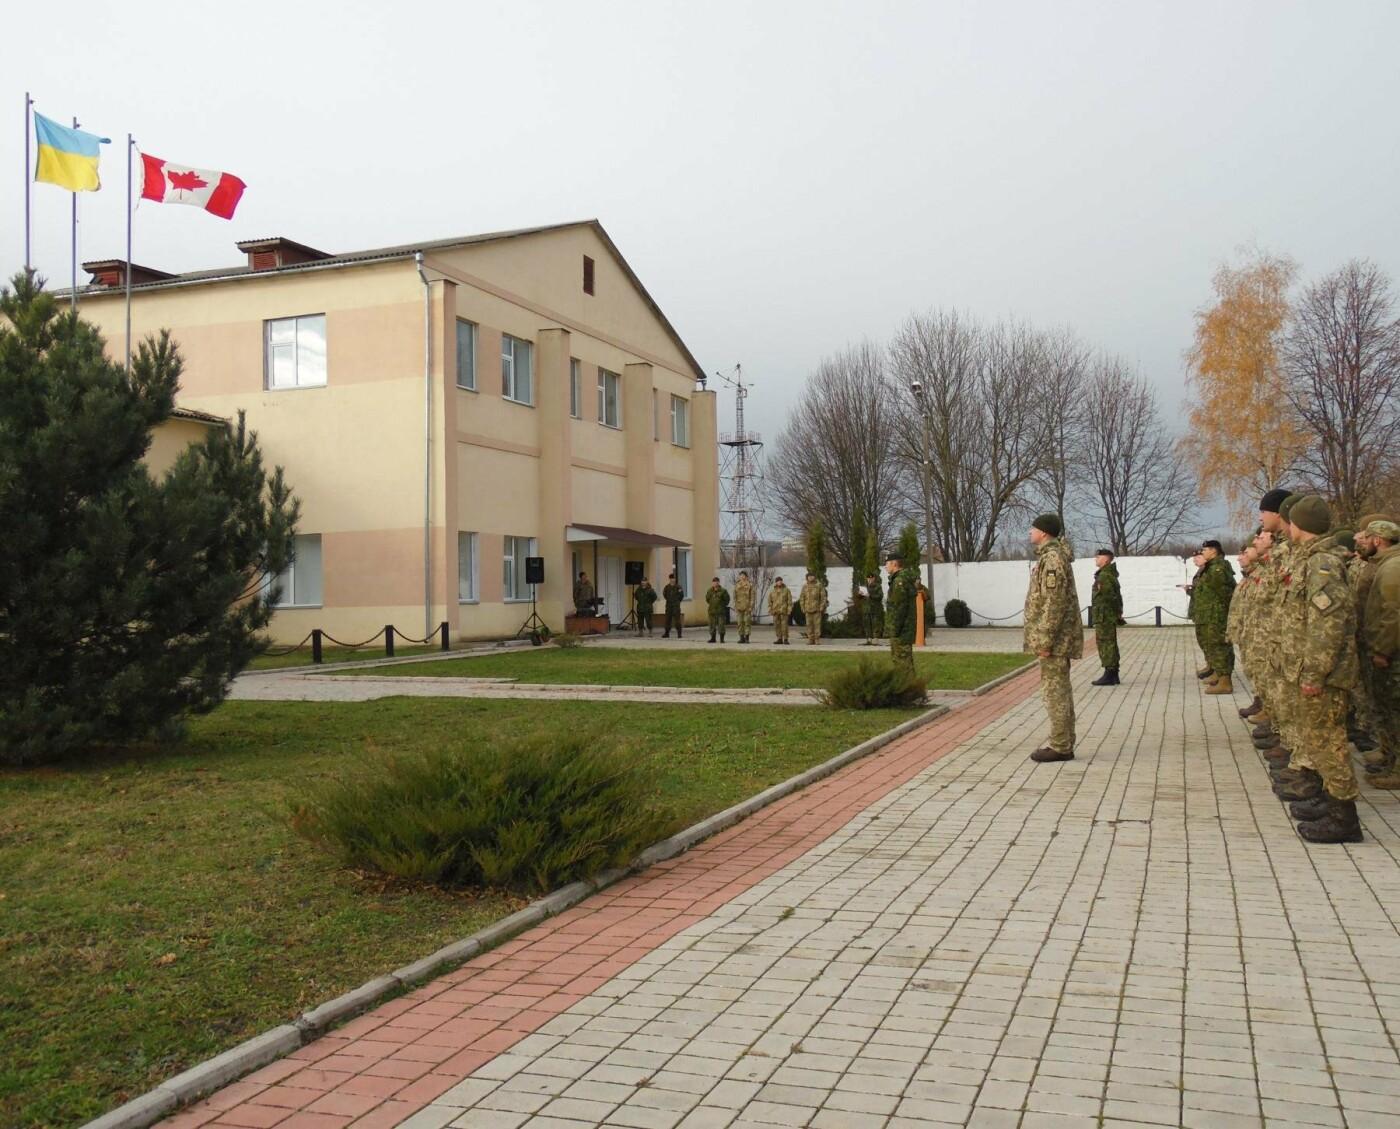 Українські та канадські військовослужбовці вшанували пам'ять загиблих під час Першої та Другої світових воєн, фото-3